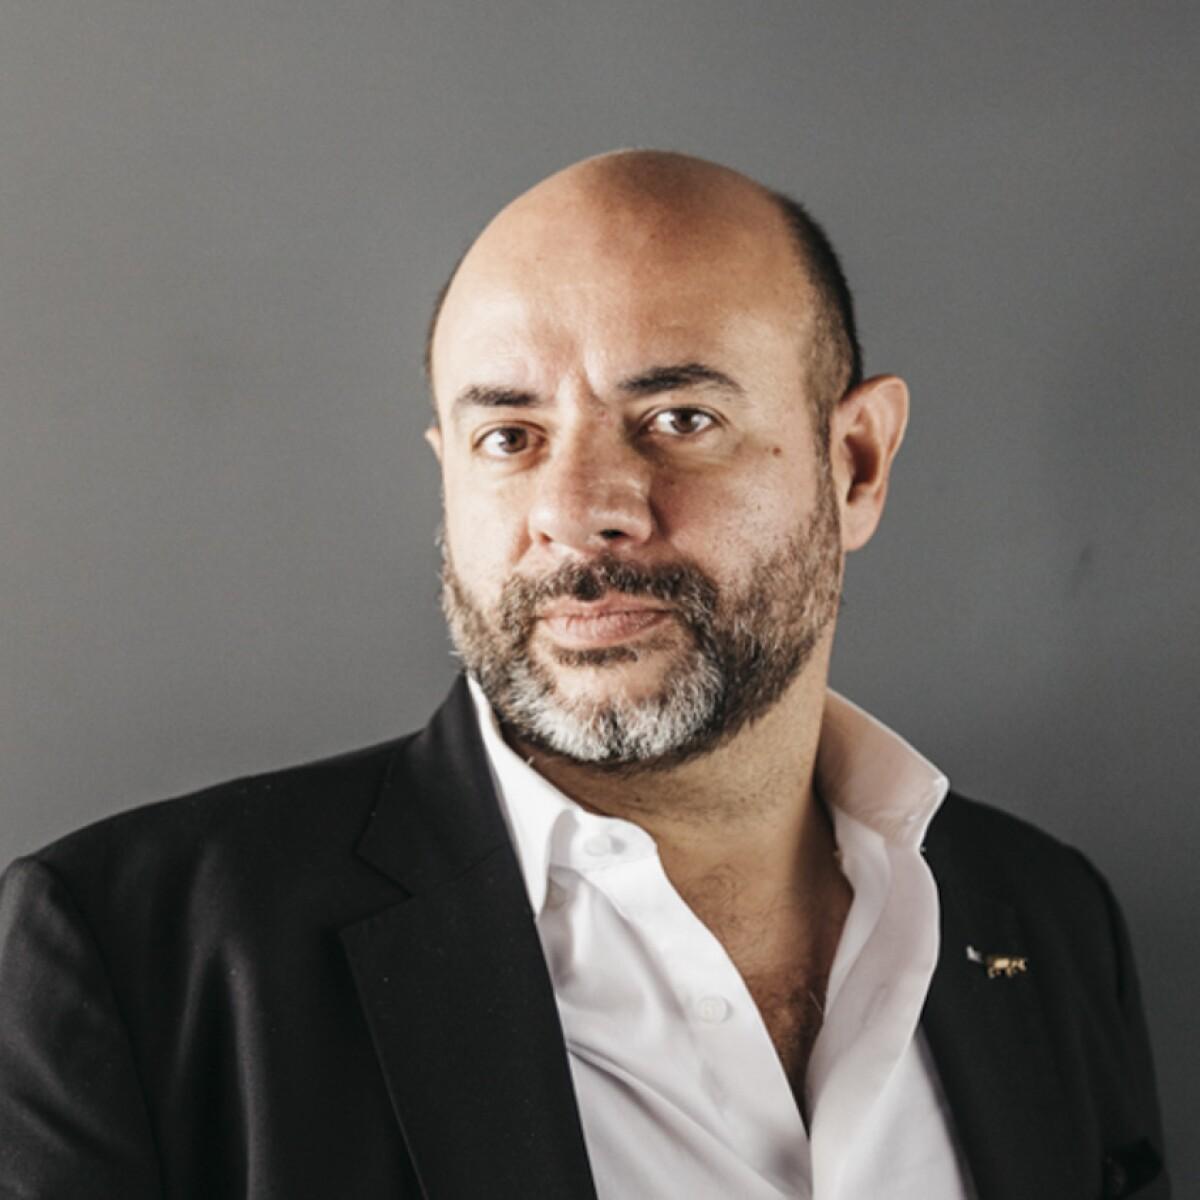 Más allá de los funerales, así crecerá J. García López